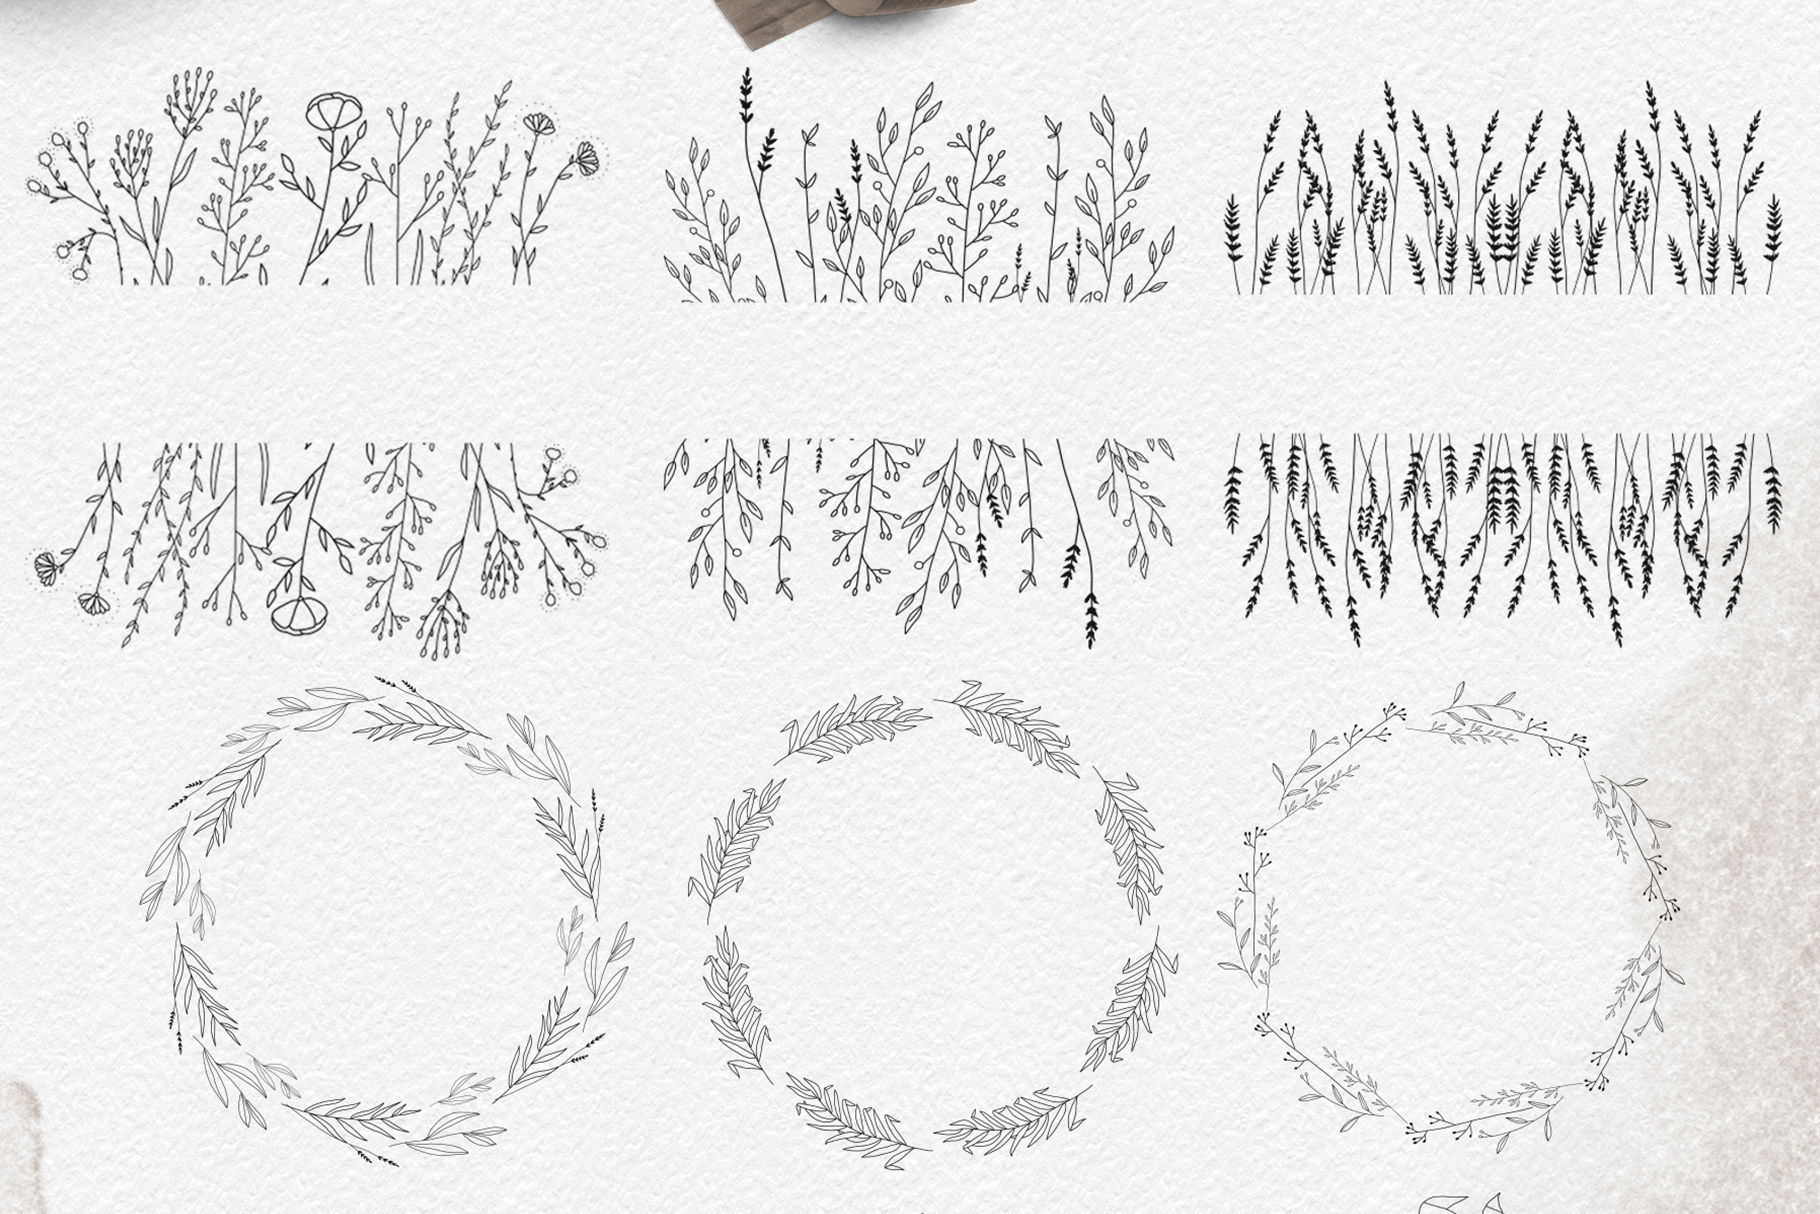 Line art botanical illustrations example image 3